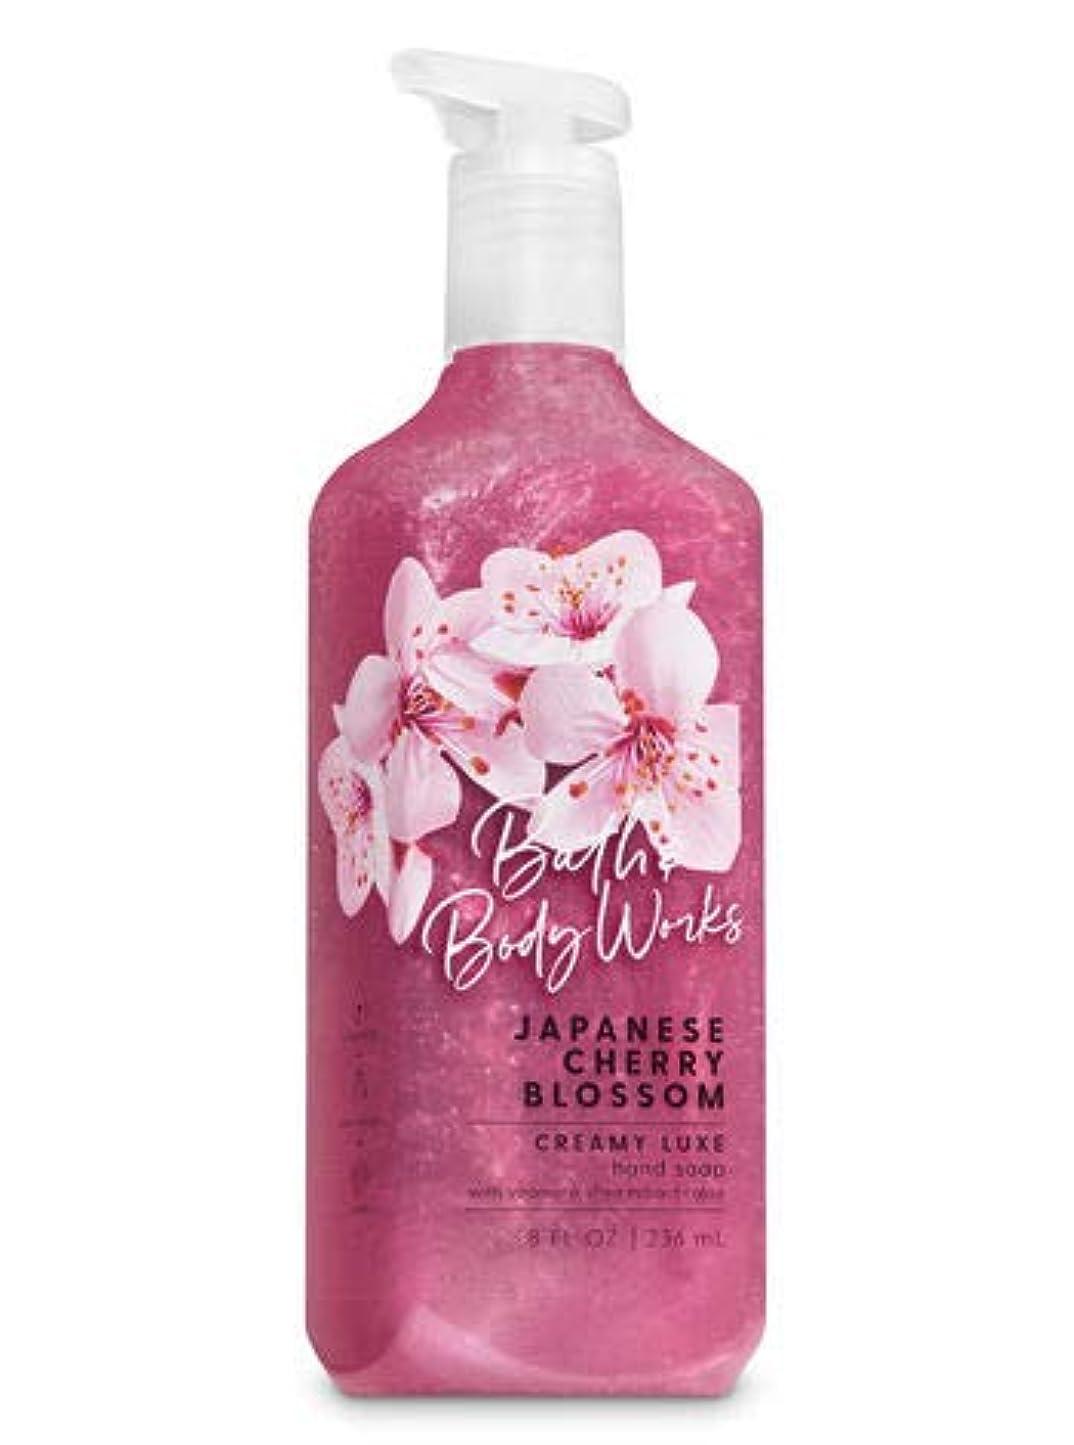 グラマー傷跡コミットバス&ボディワークス ジャパニーズチェリーブロッサム クリーミーハンドソープ Japanese Cherry Blossom Creamy Luxe Hand Soap With Vitamine E Shea Extract...